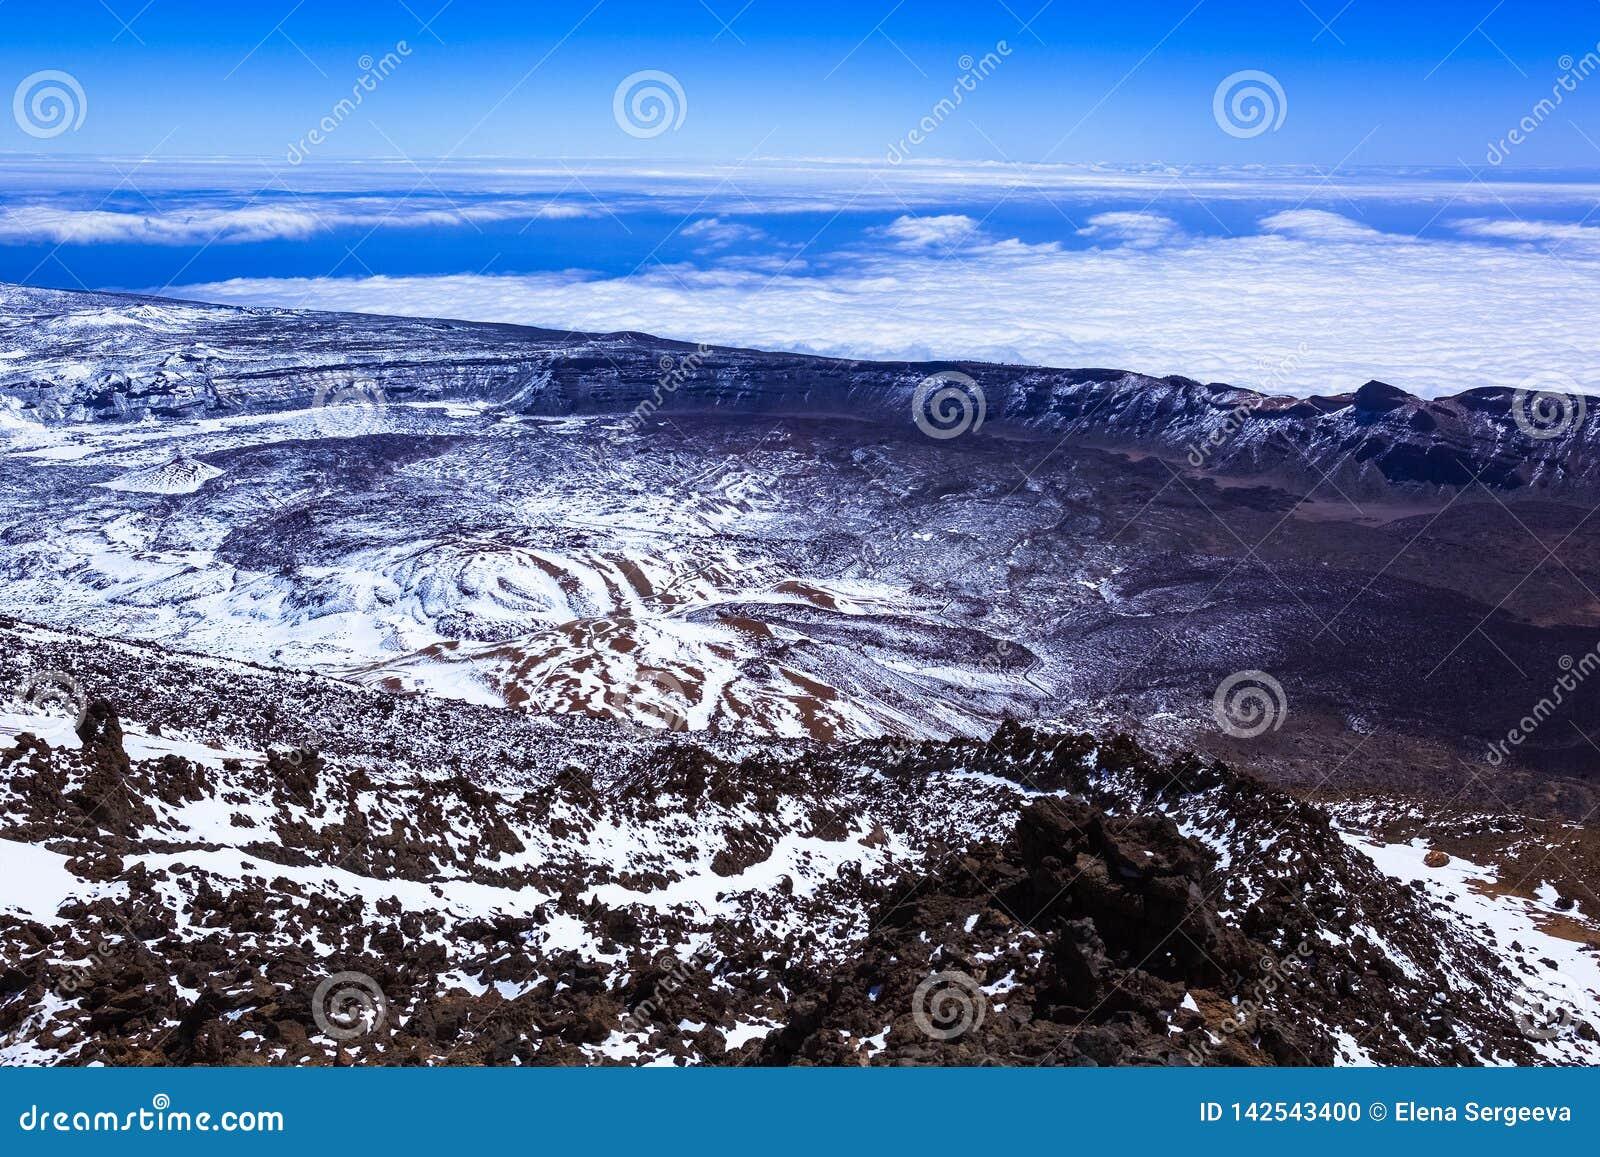 Paysage couvert de neige de montagne, vue du paysage rocheux du haut de la montagne, volcan, nuages